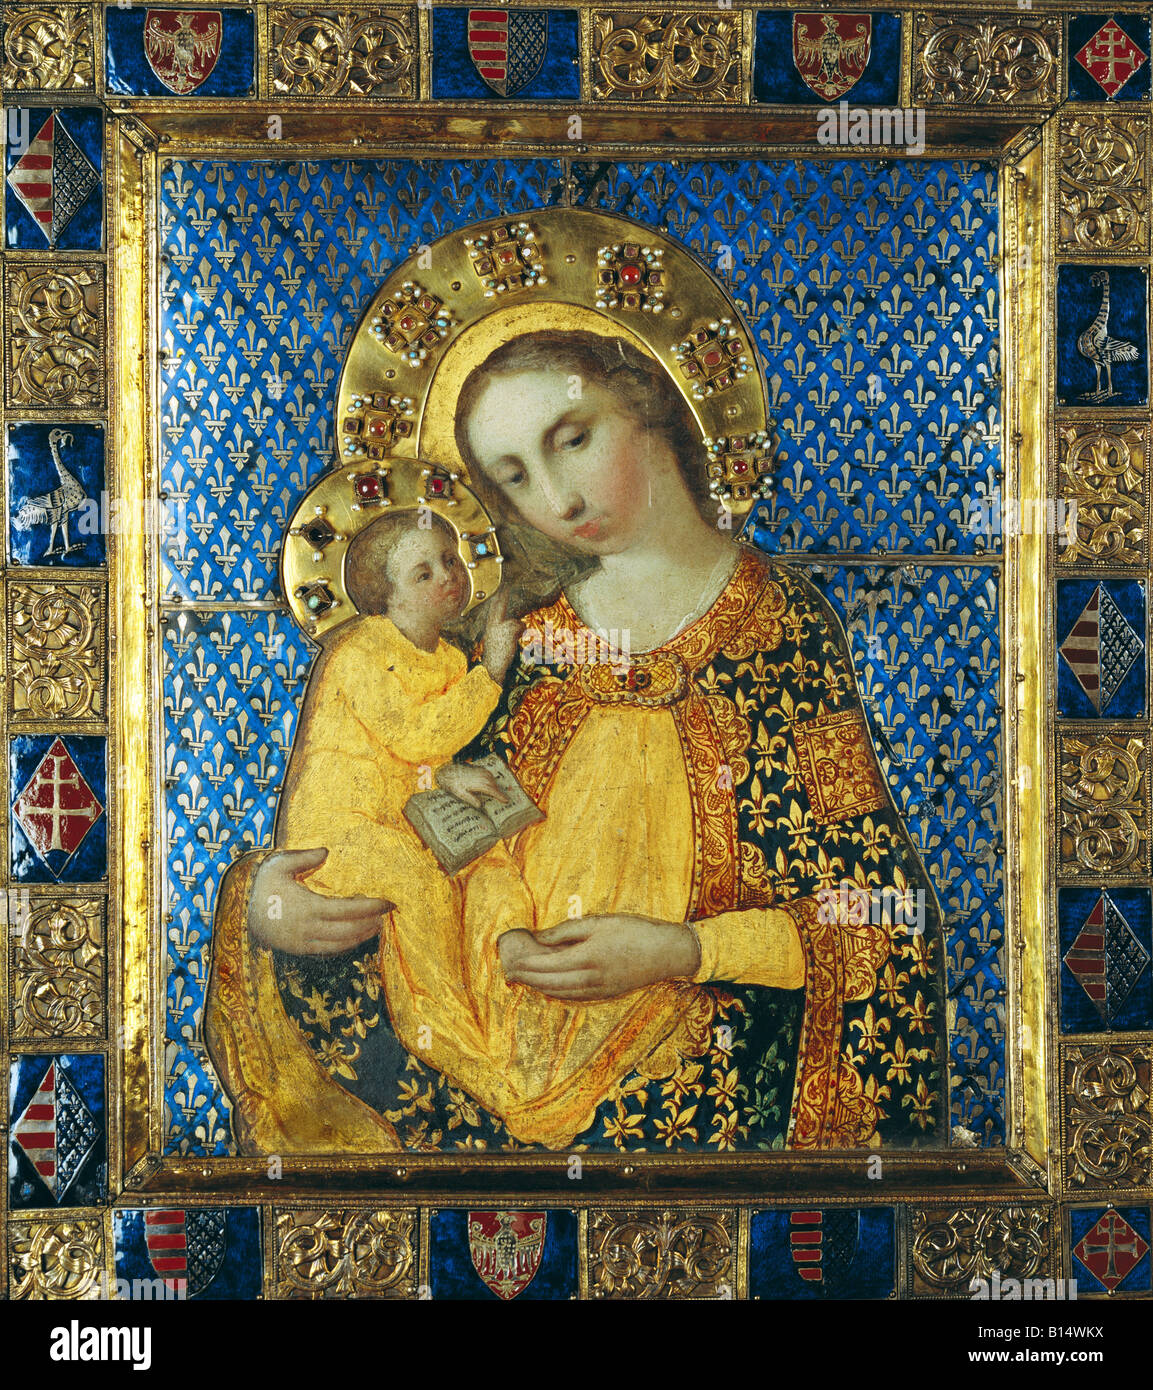 Beaux-arts, art religieux, Vierge Marie avec l'enfant, peinture, tempera sur bois, feuille d'argent gilted avec Banque D'Images